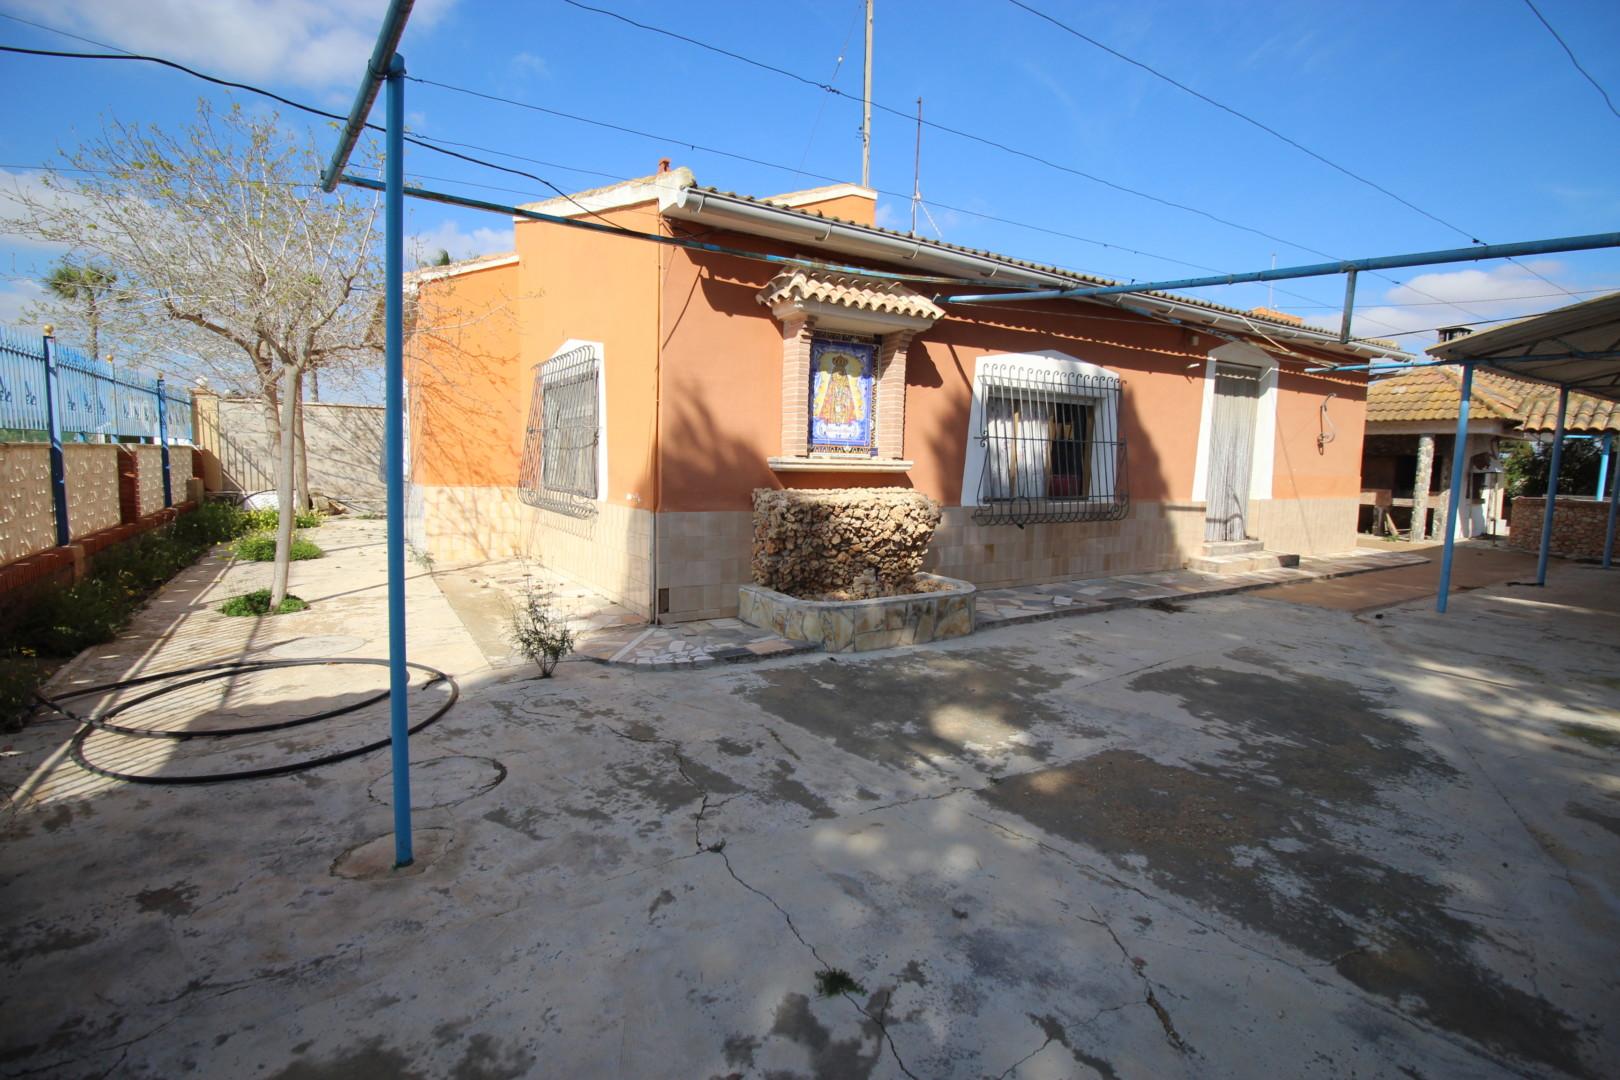 Casa de campo en magnífica zona residencial, entre Avileses y El Mirador, con un terreno de 1.100 m2.